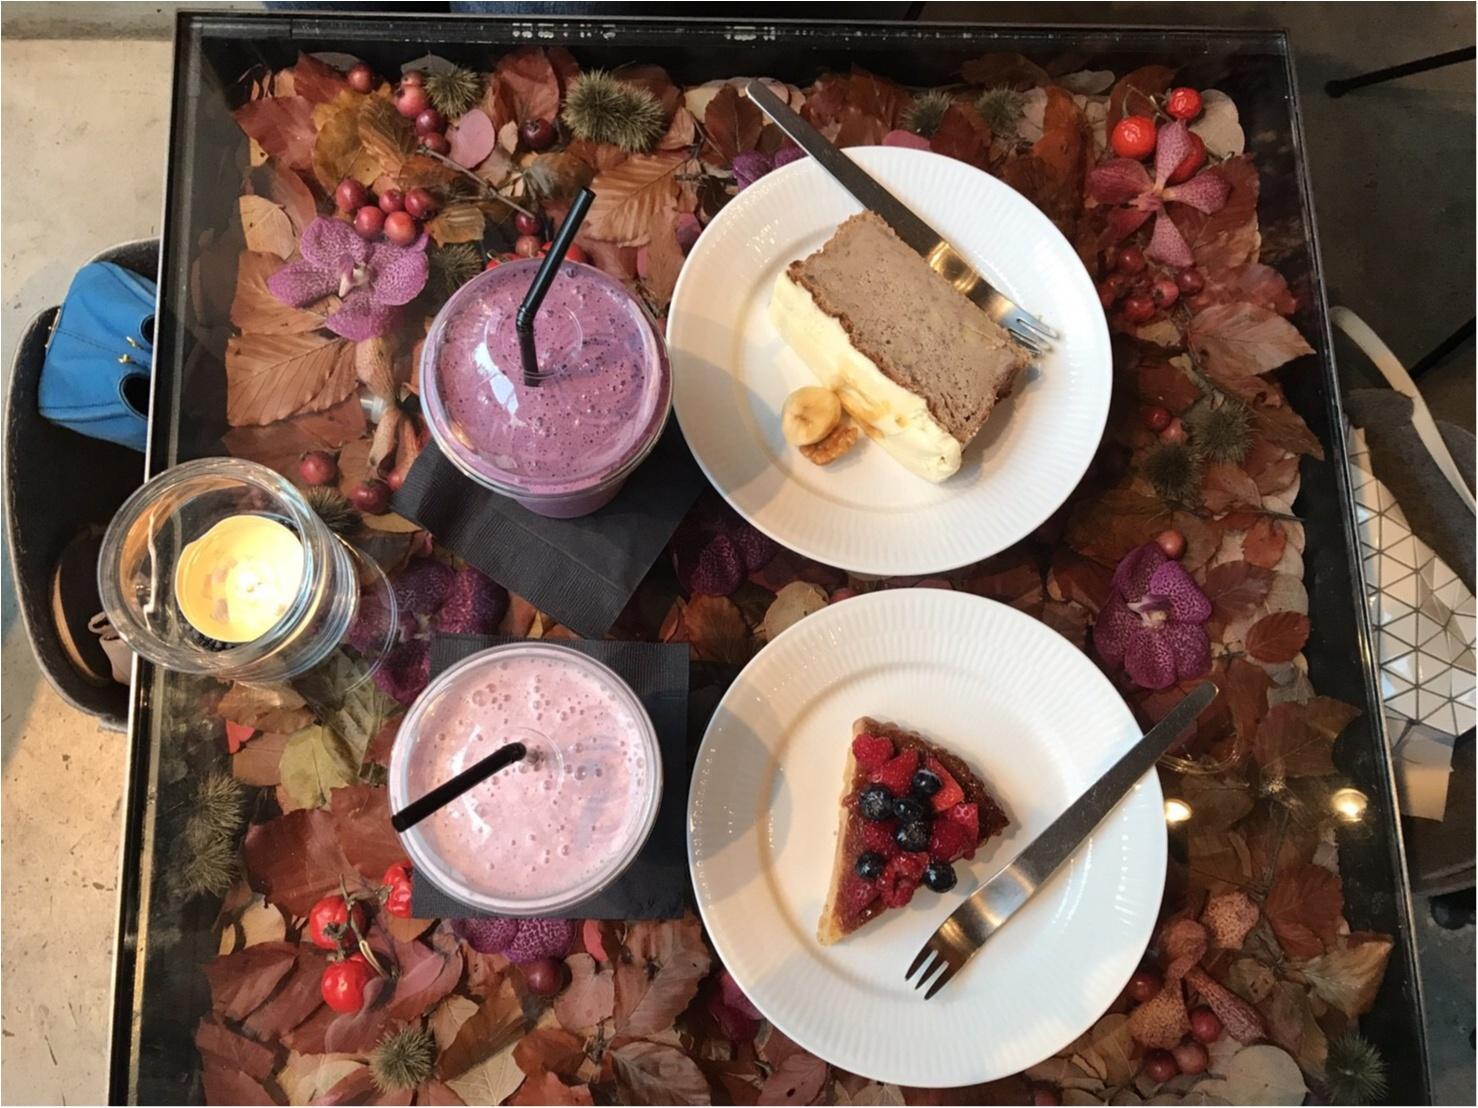 【表参道/CAFE】一足早い秋を感じたいならココ❤︎ニコライバーグマンカフェの秋仕様がとっても可愛いんです!_6